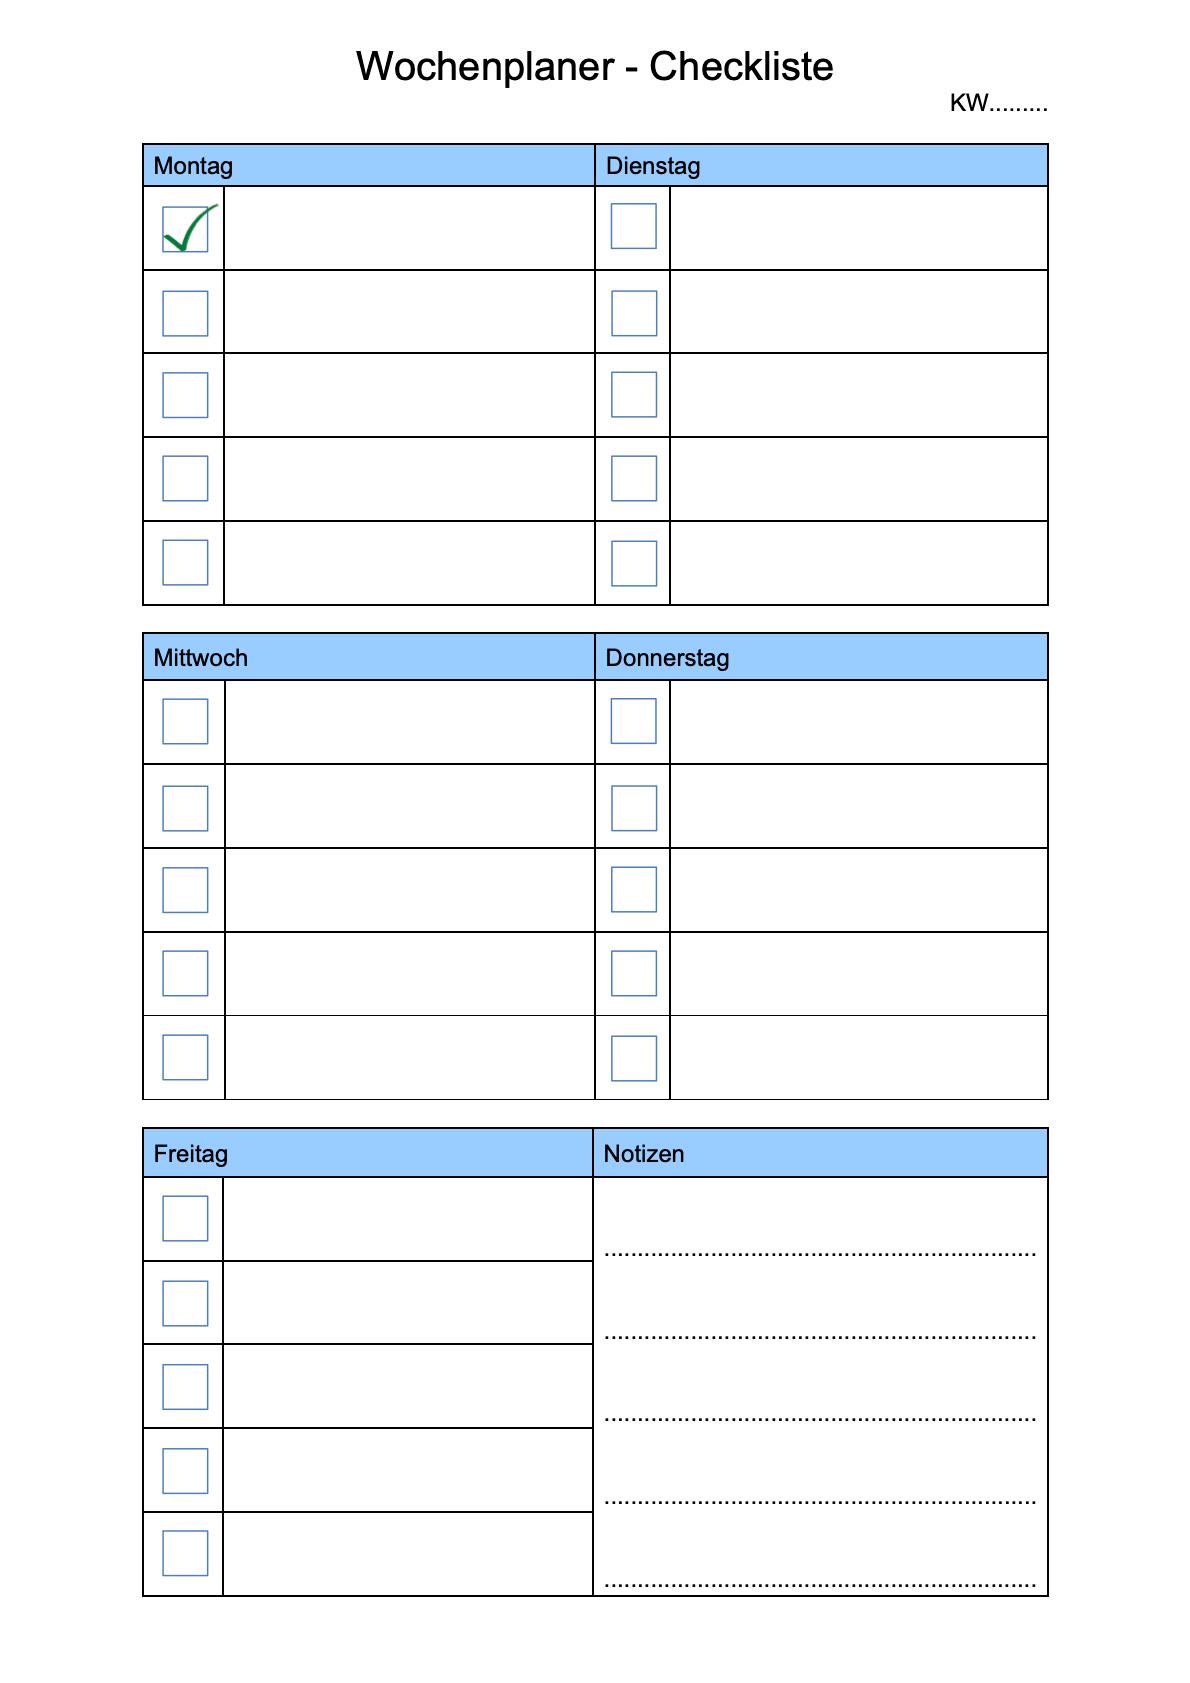 Wochenplaner Checkliste